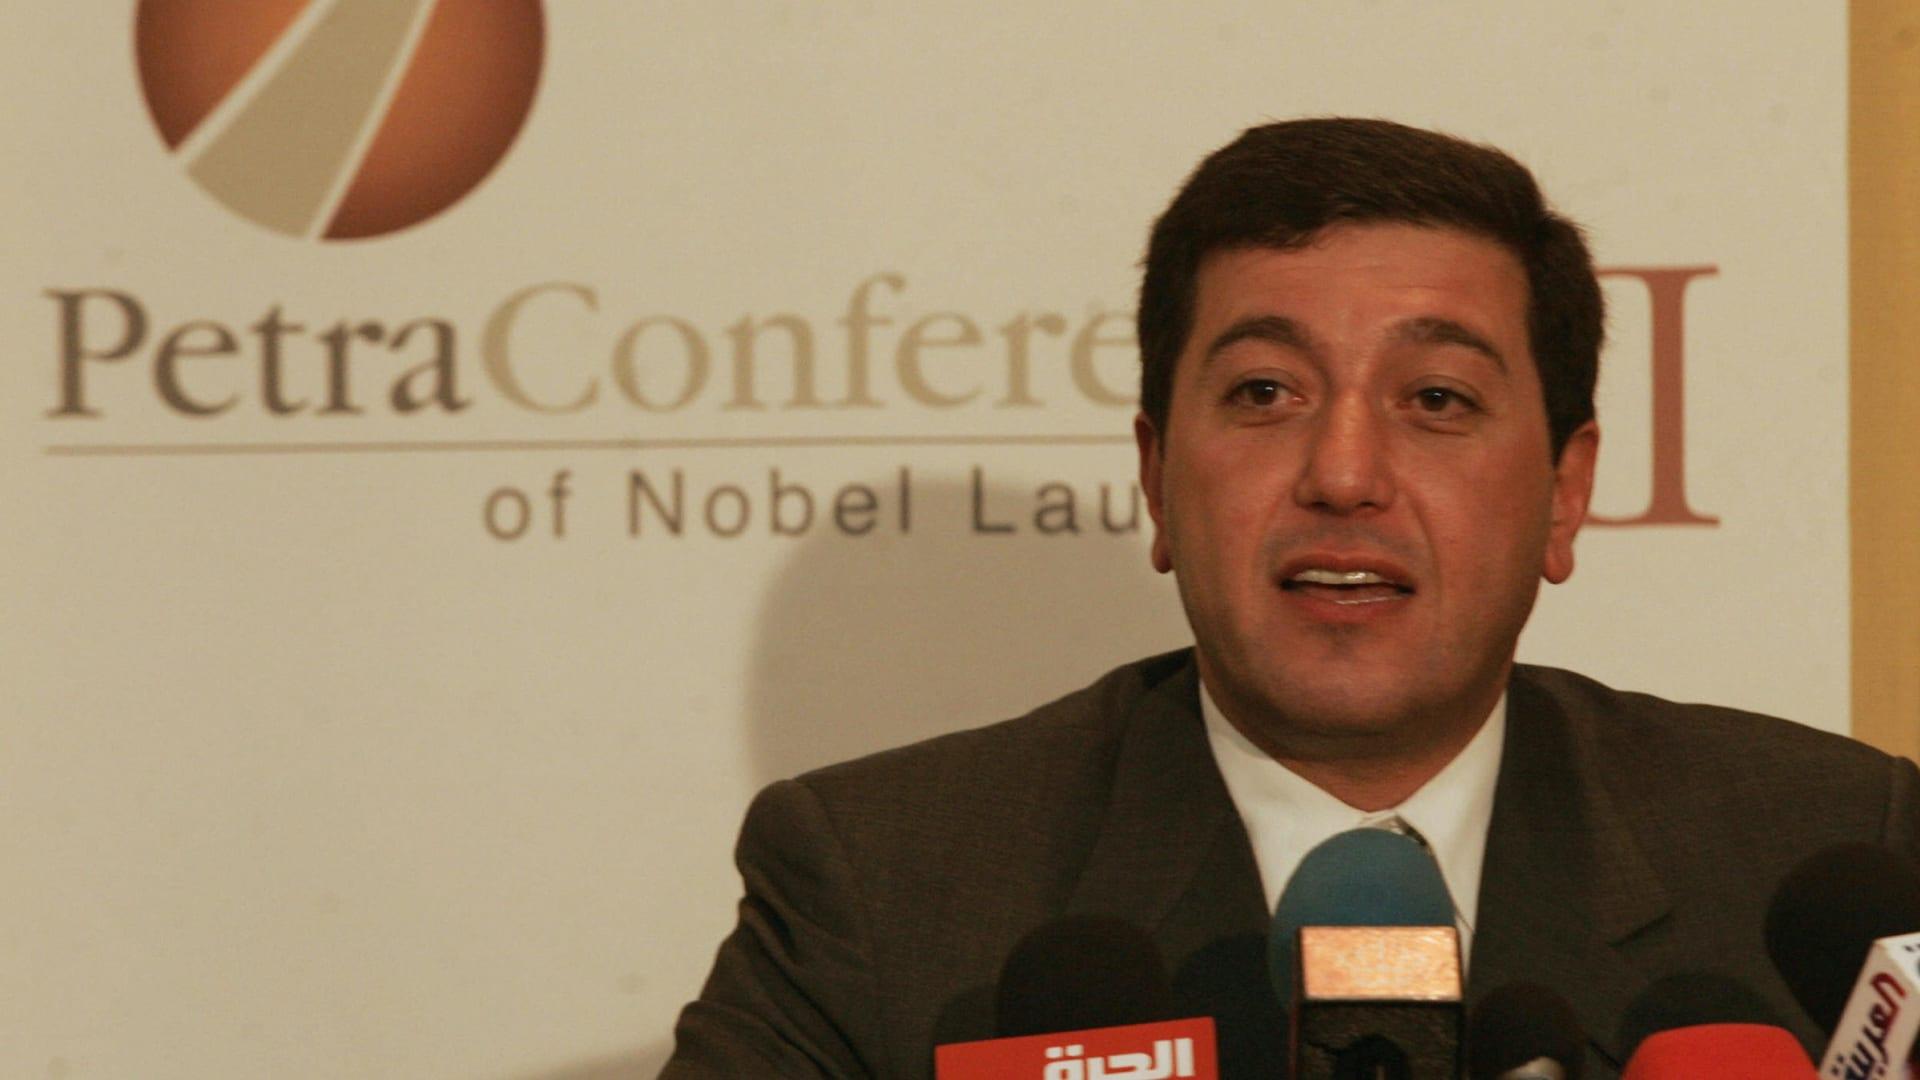 """البنك العربي يقرر تنحية باسم عوض الله من عضوية مجلس إدارته.. ومحاميه: لم يطرأ جديد على ملف قضية """"الفتنة"""""""